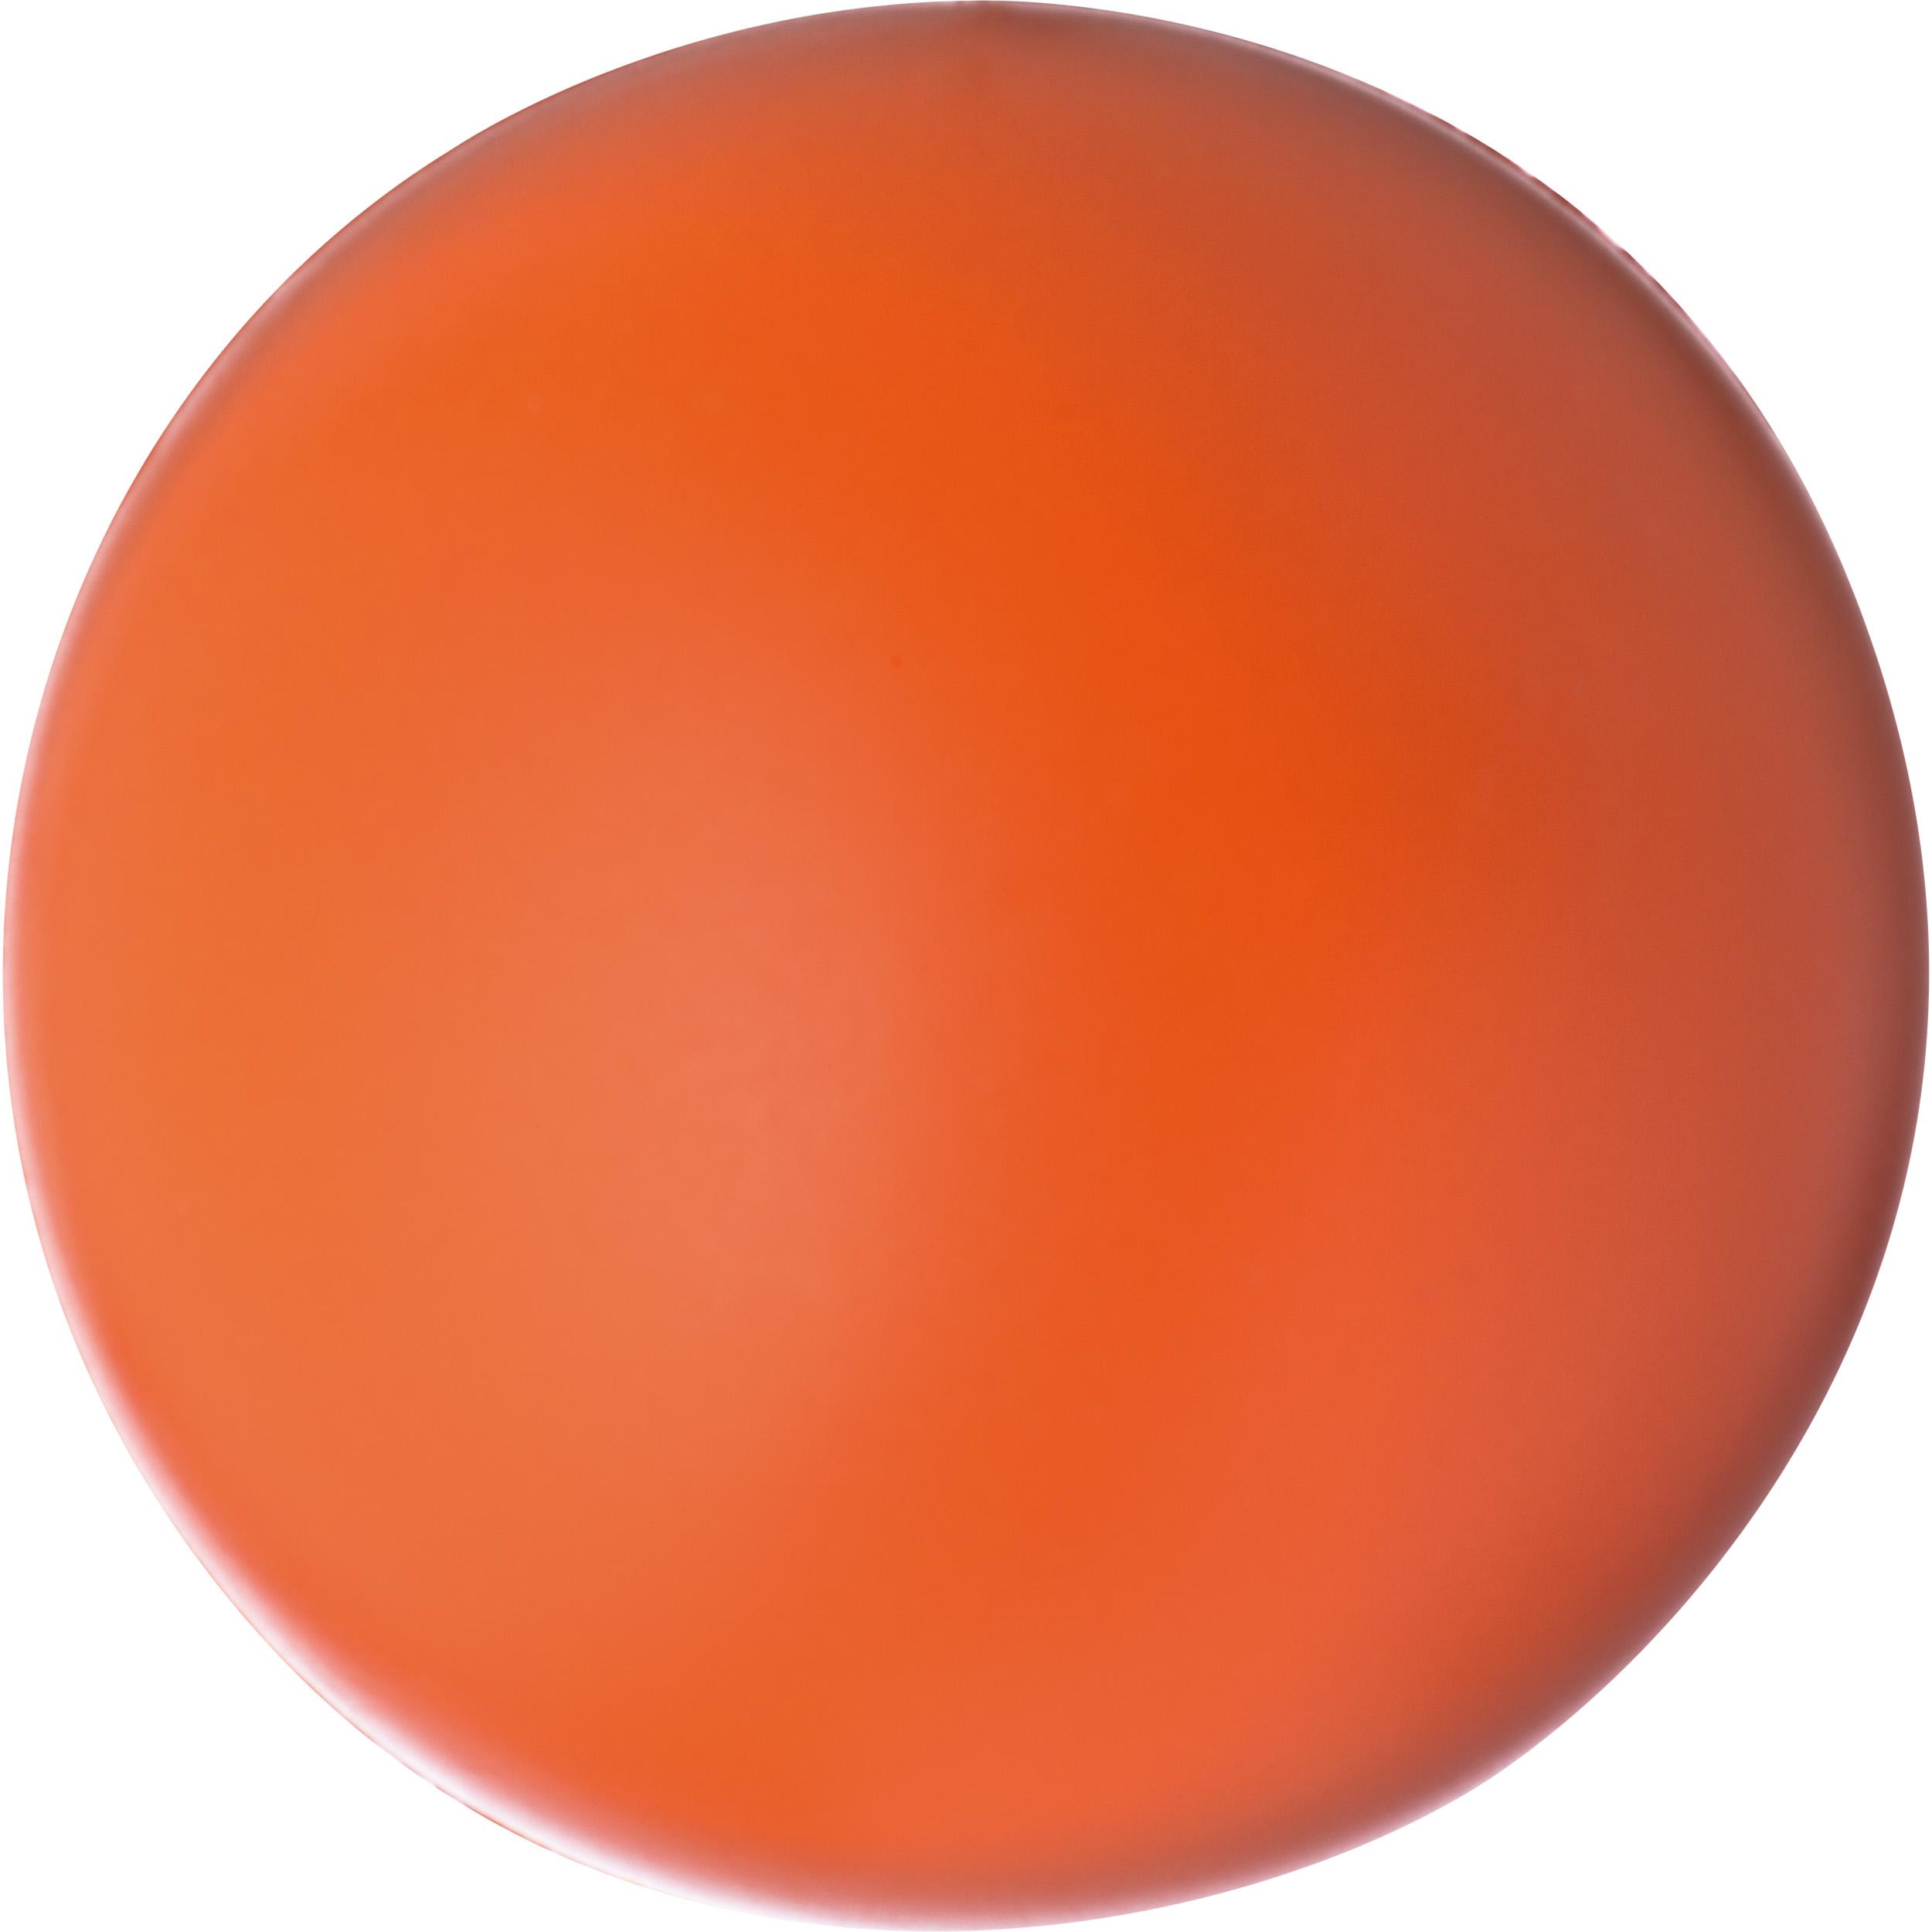 Balle anti-stress en caoutchouc